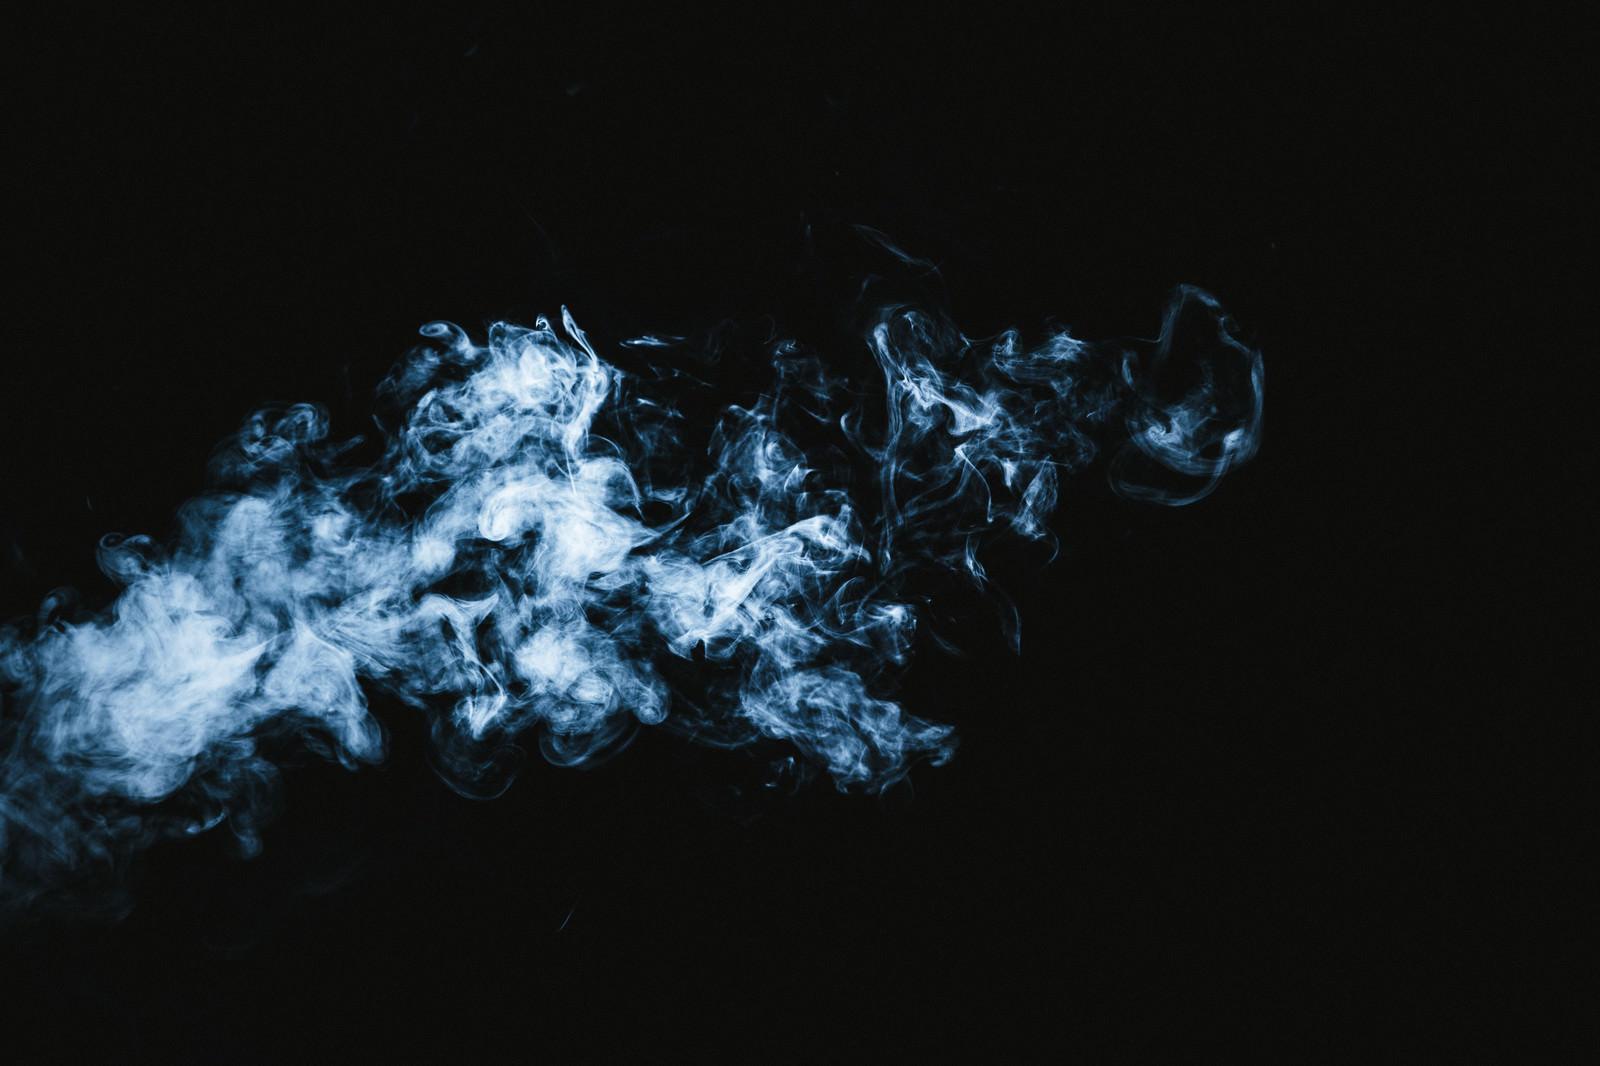 「霊魂のような煙」の写真